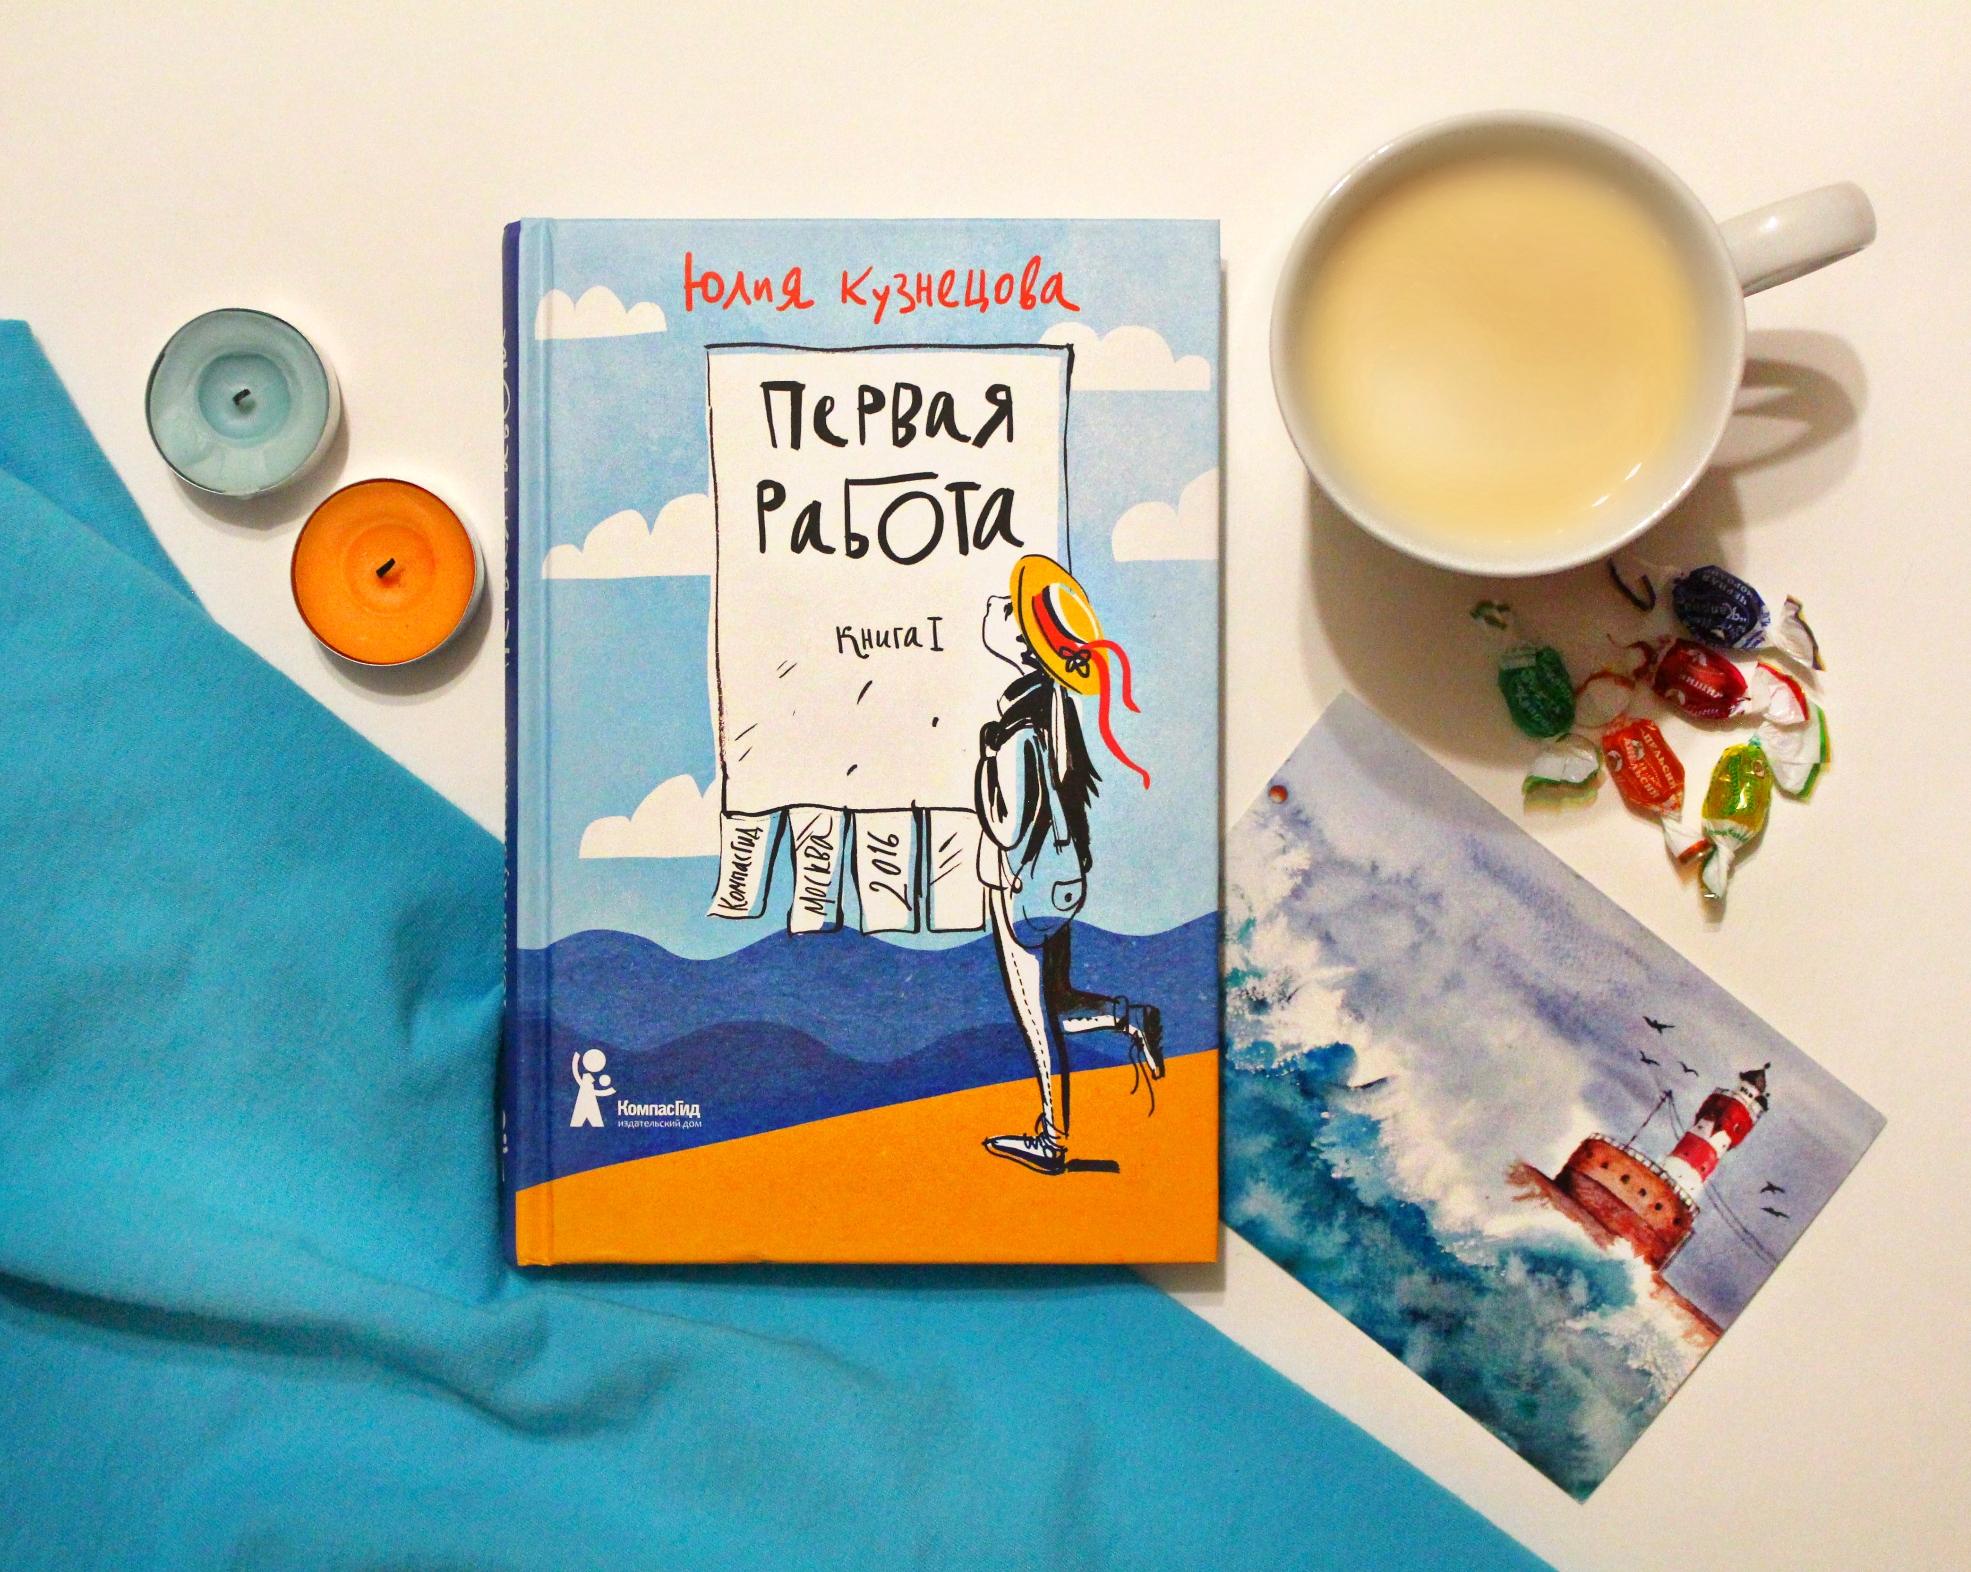 Скачать бесплатно книги кузнецовой юлии